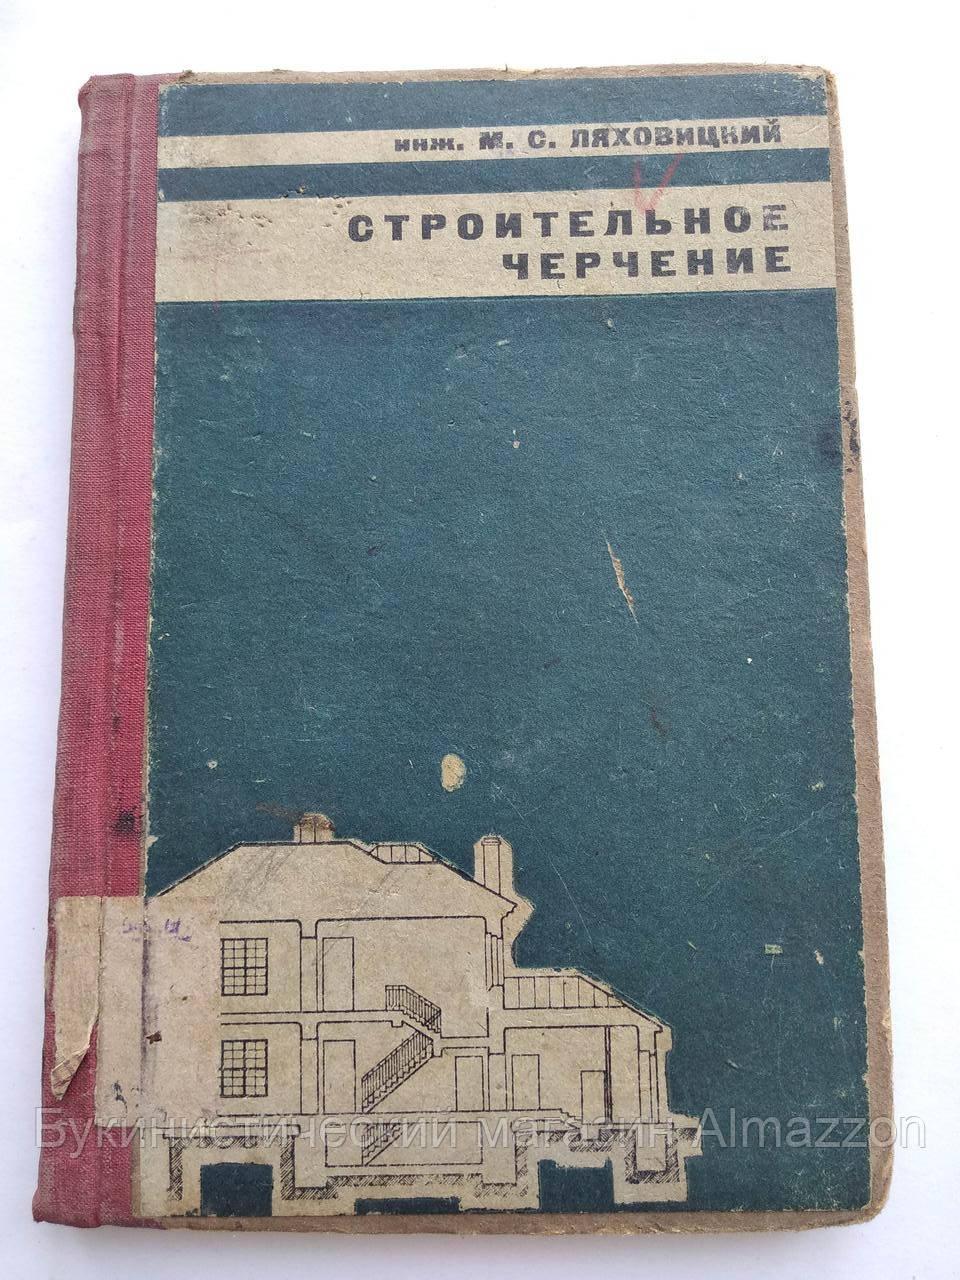 Строительное черчение. М.С.Ляховицкий. 1932 год